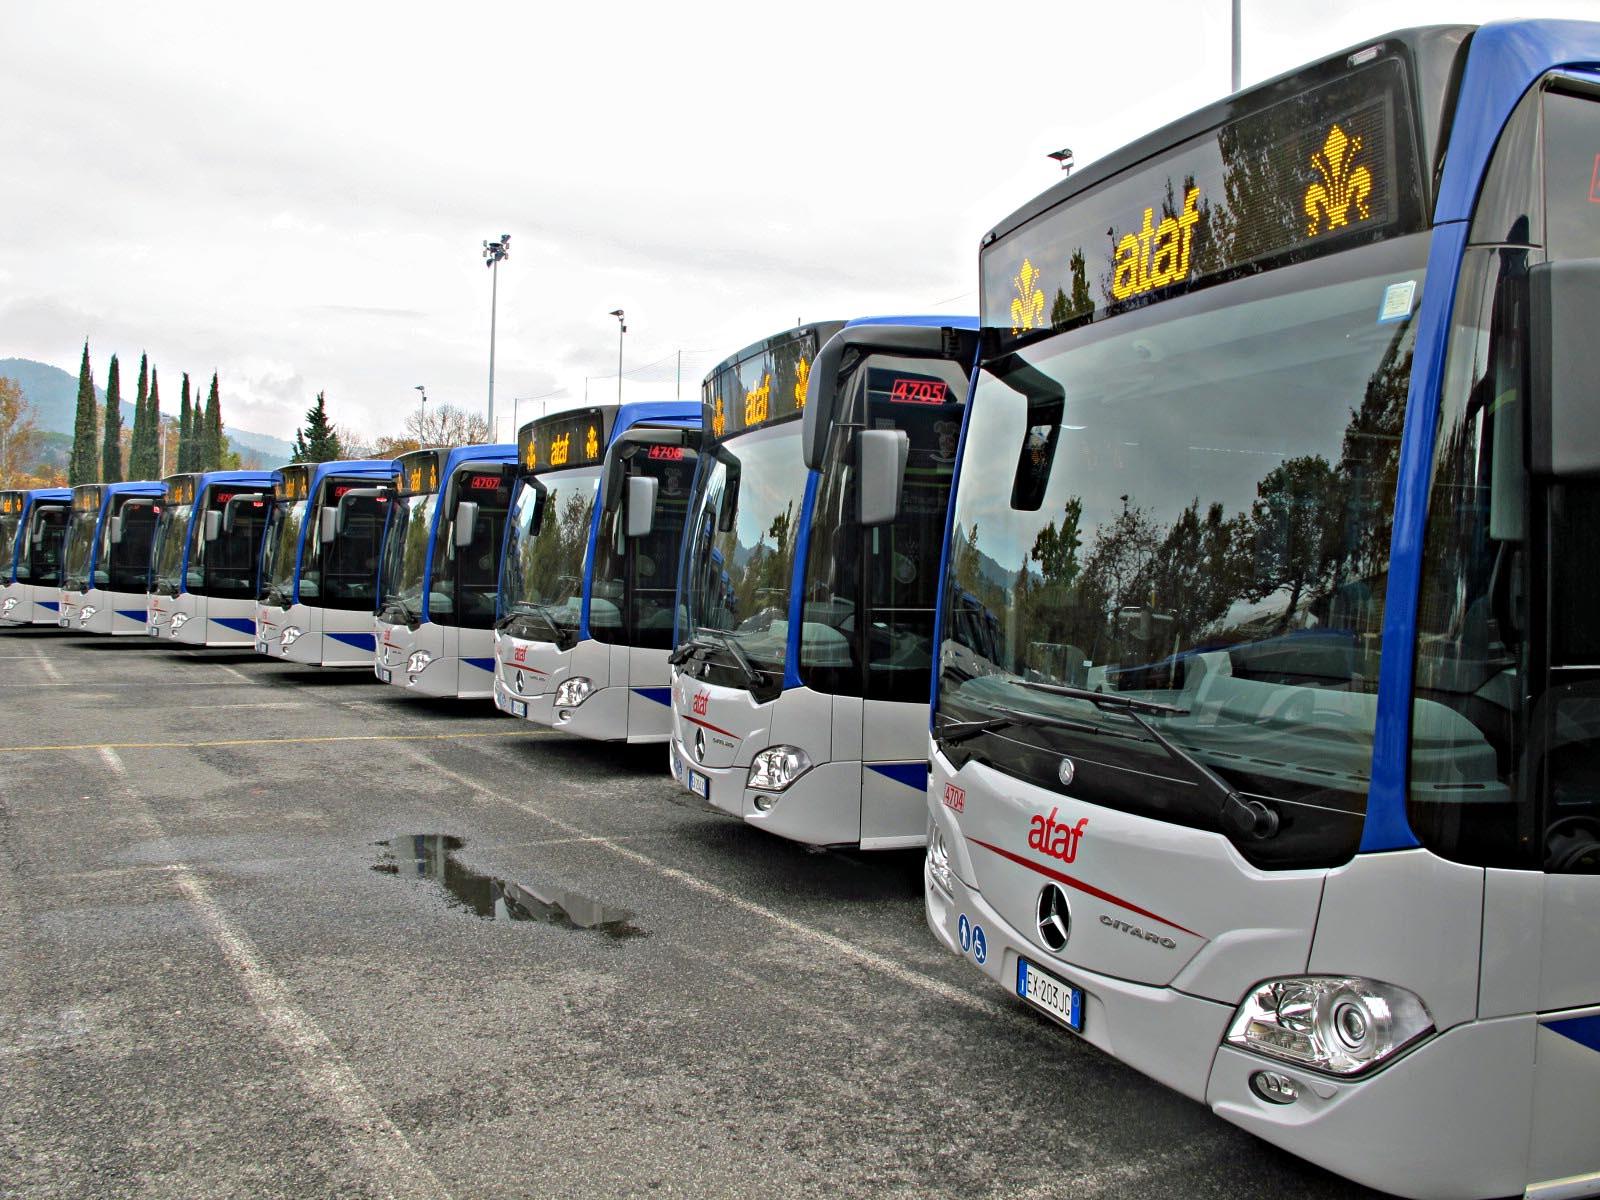 scuole: trasporti potenziati per ripartenza